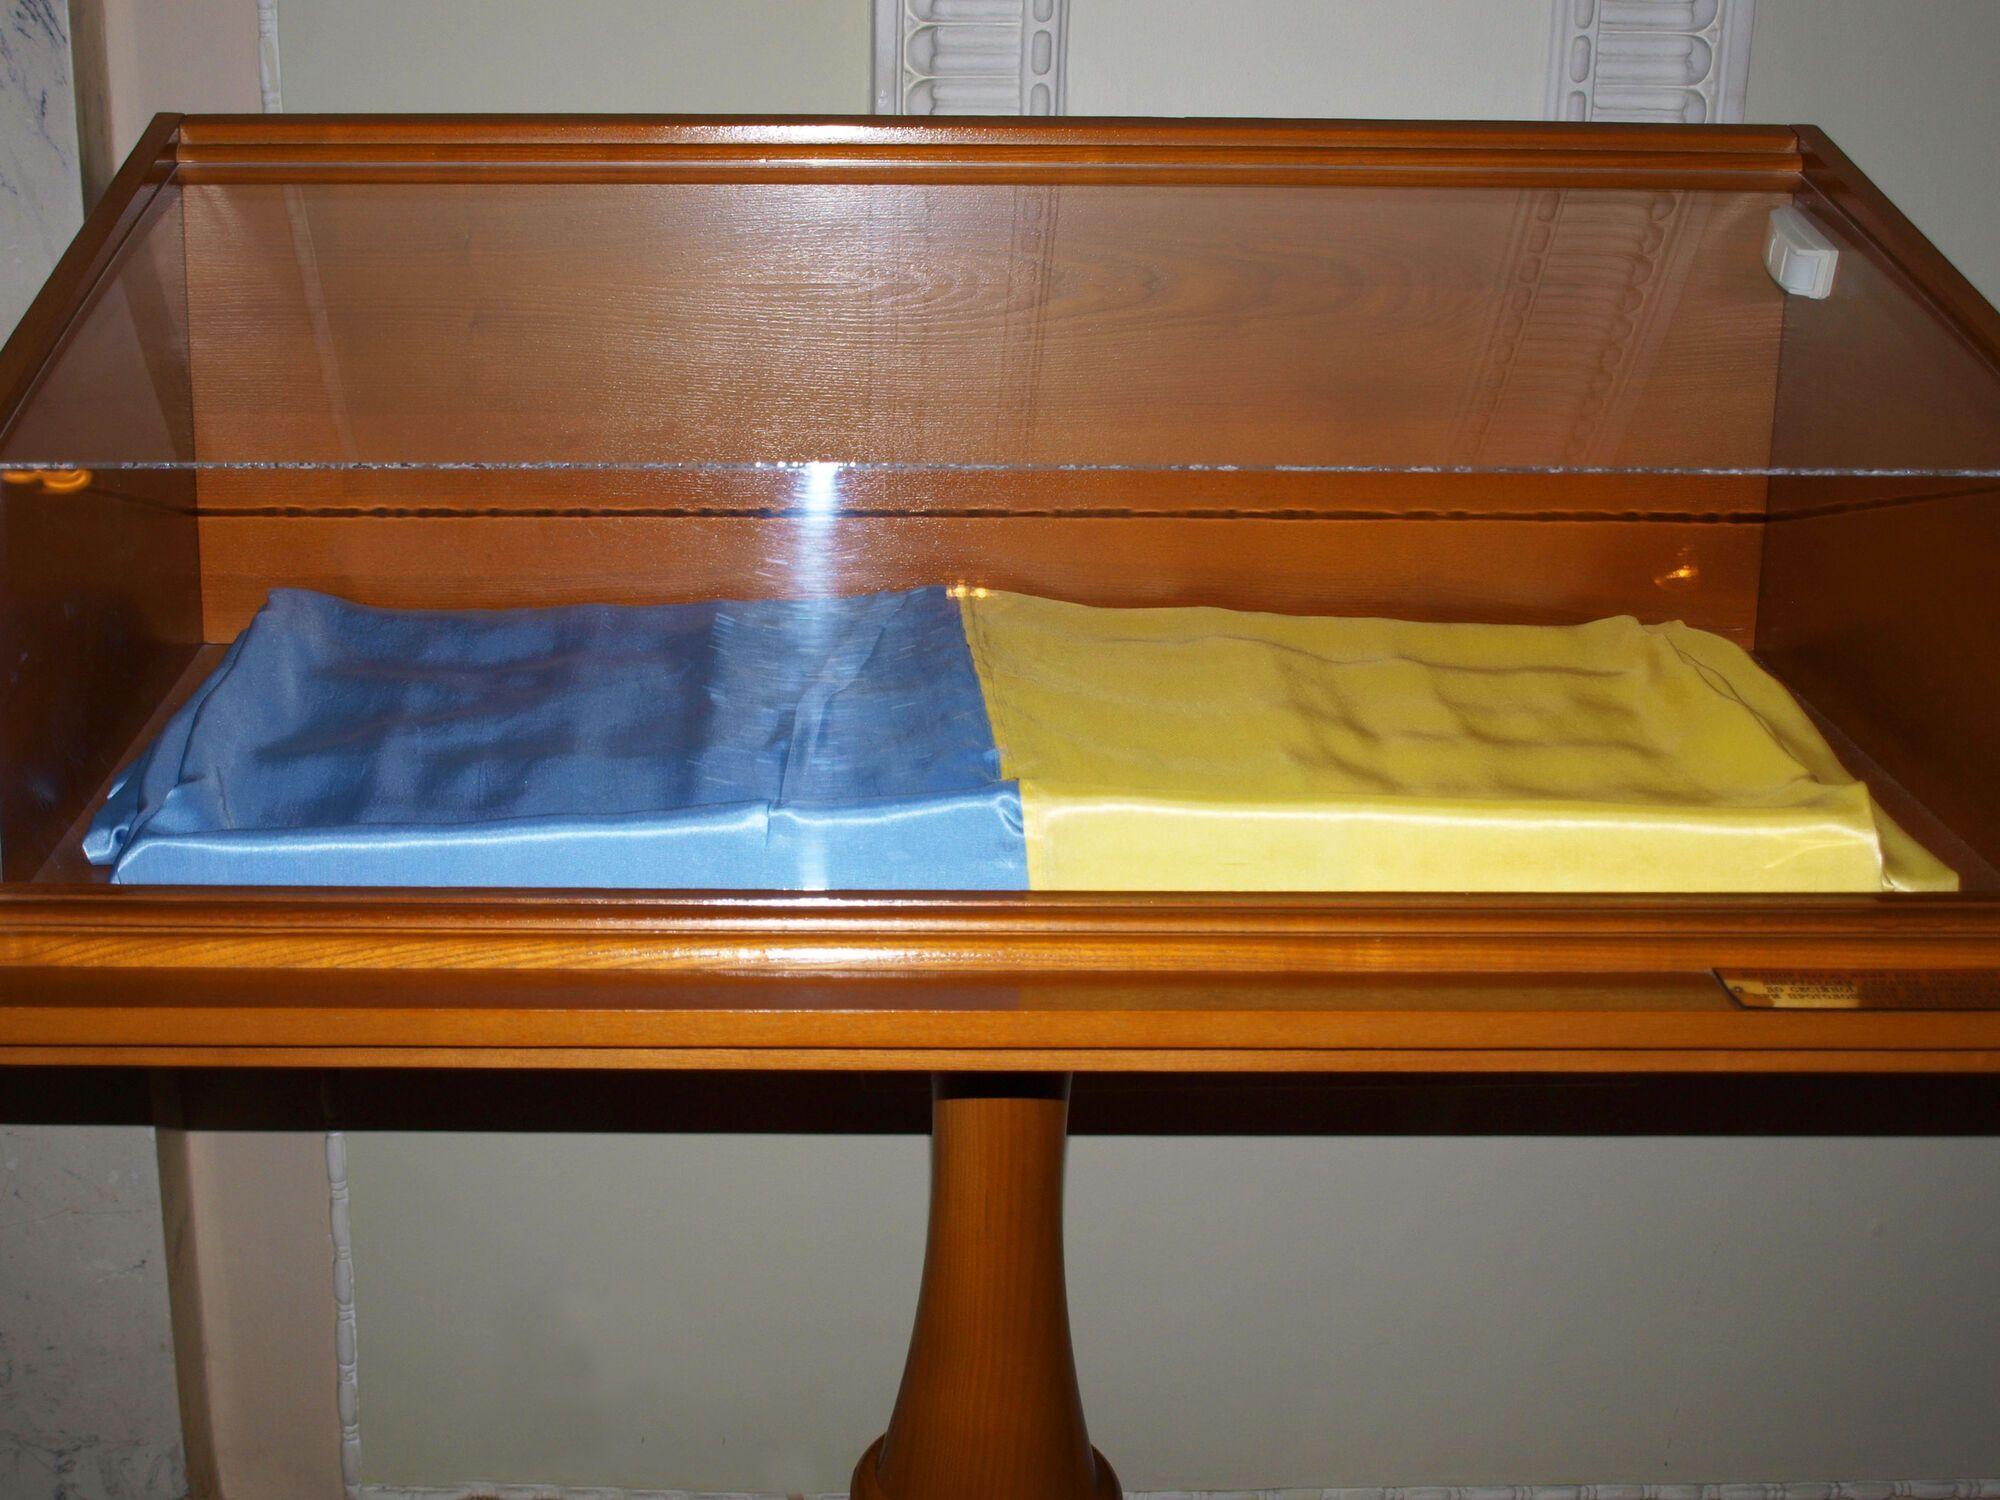 Прапор України, який внесли до сесійної зали Верховної Ради 24 серпня 1991 року